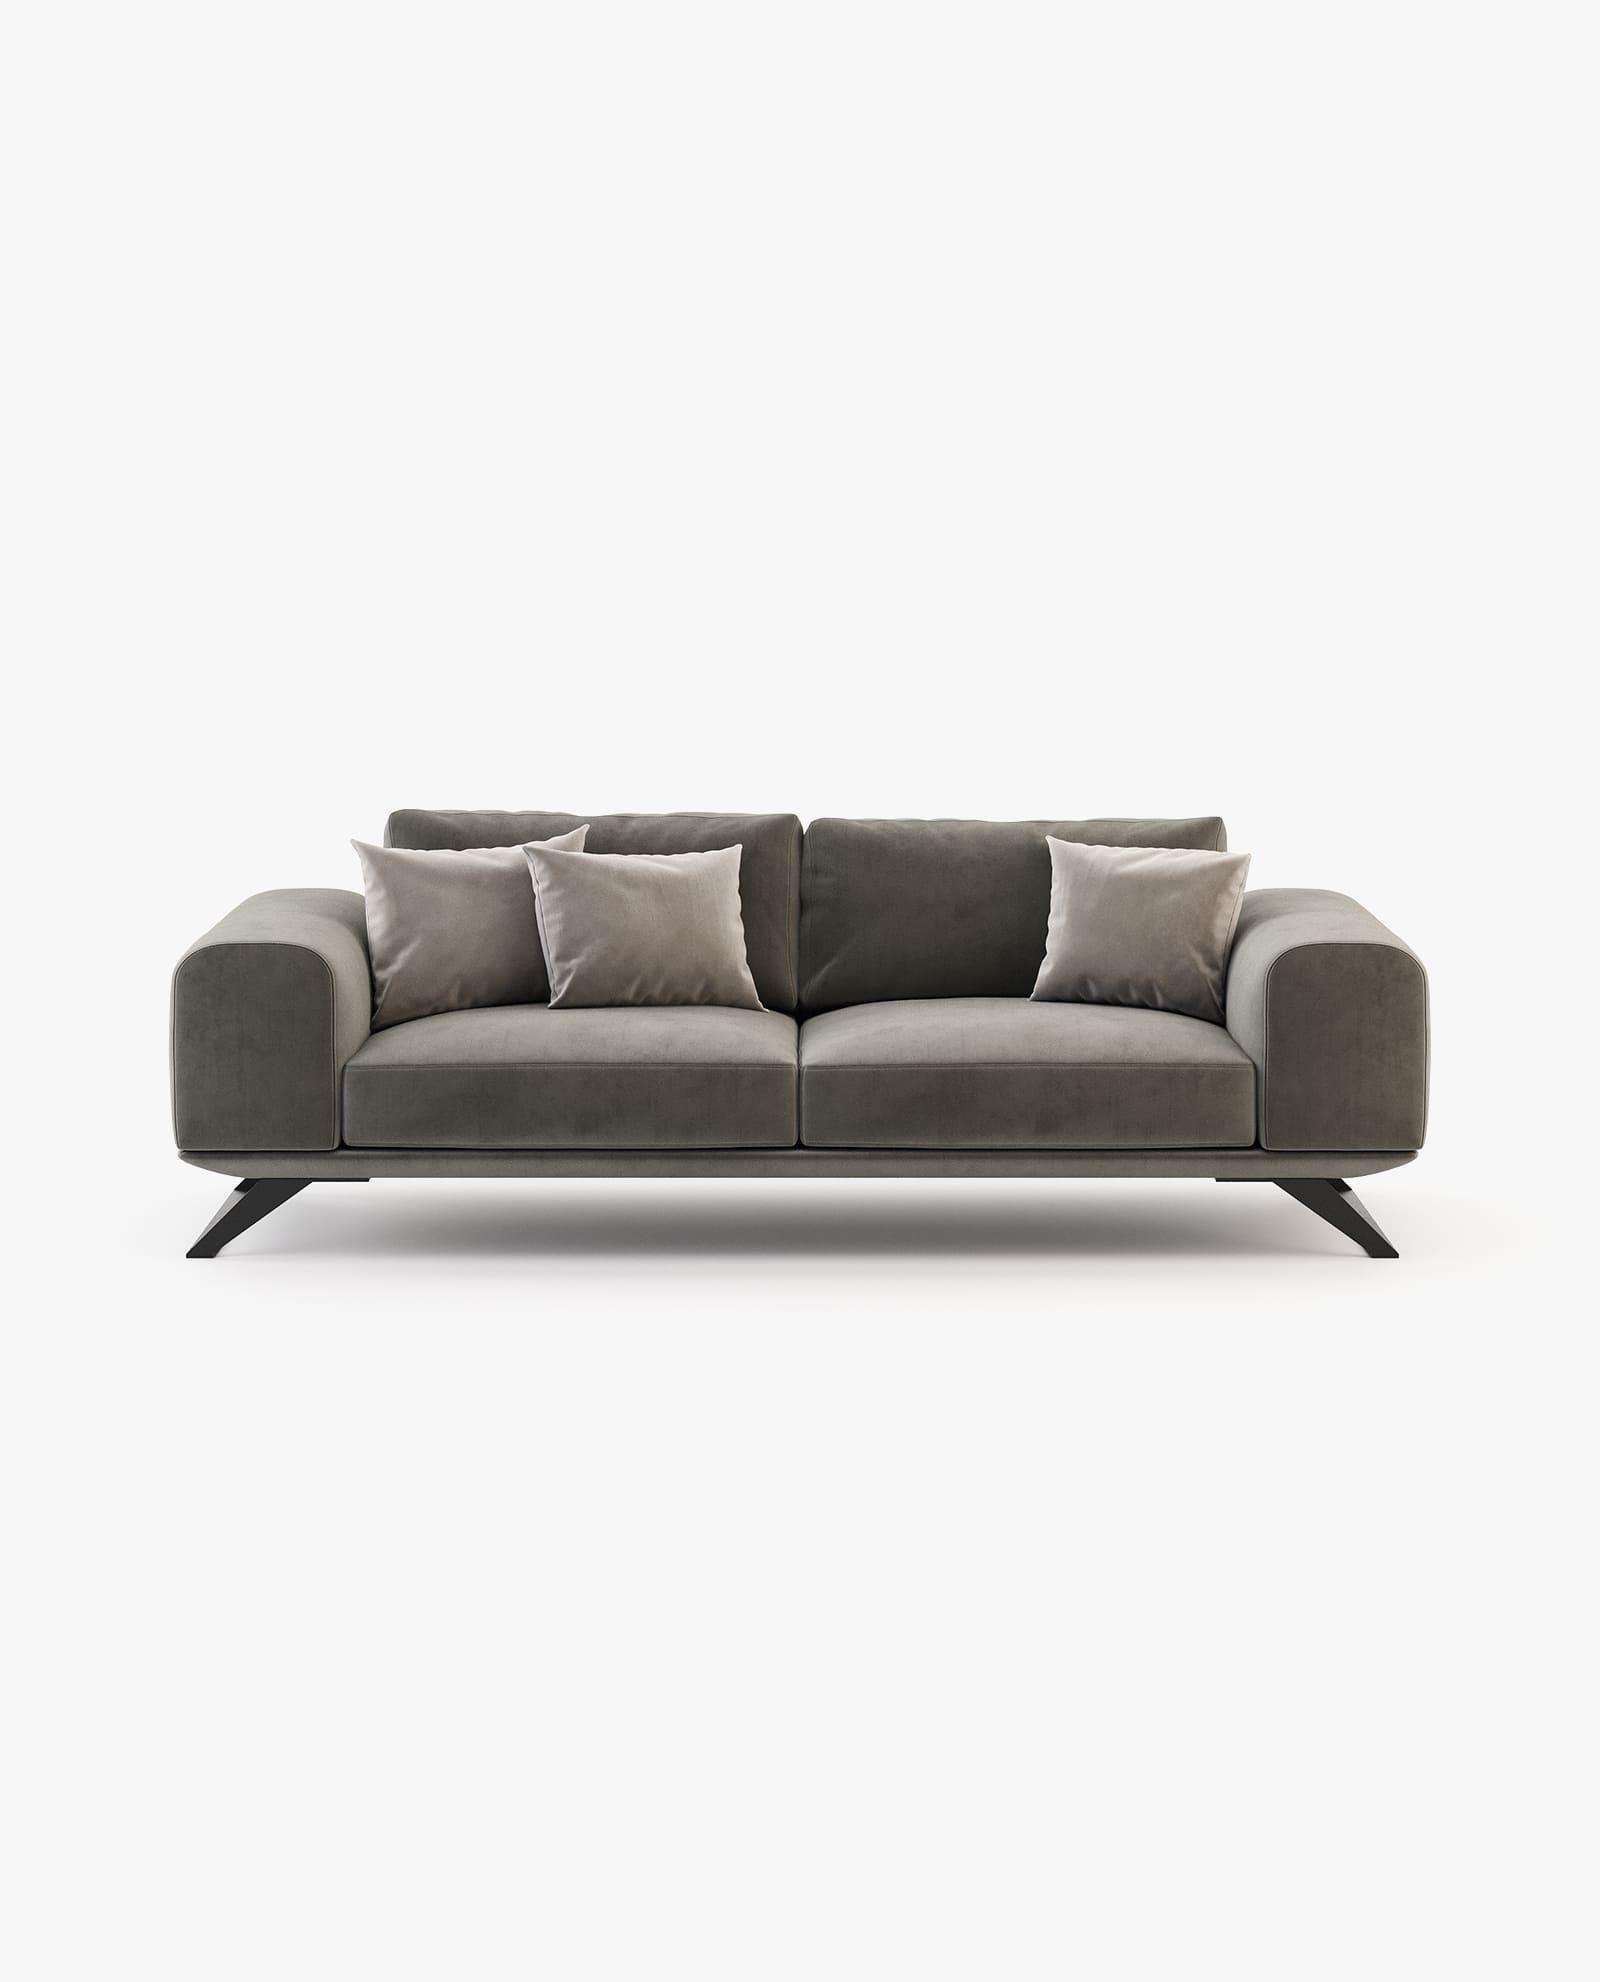 sofá 3 lugares em veludo castanho